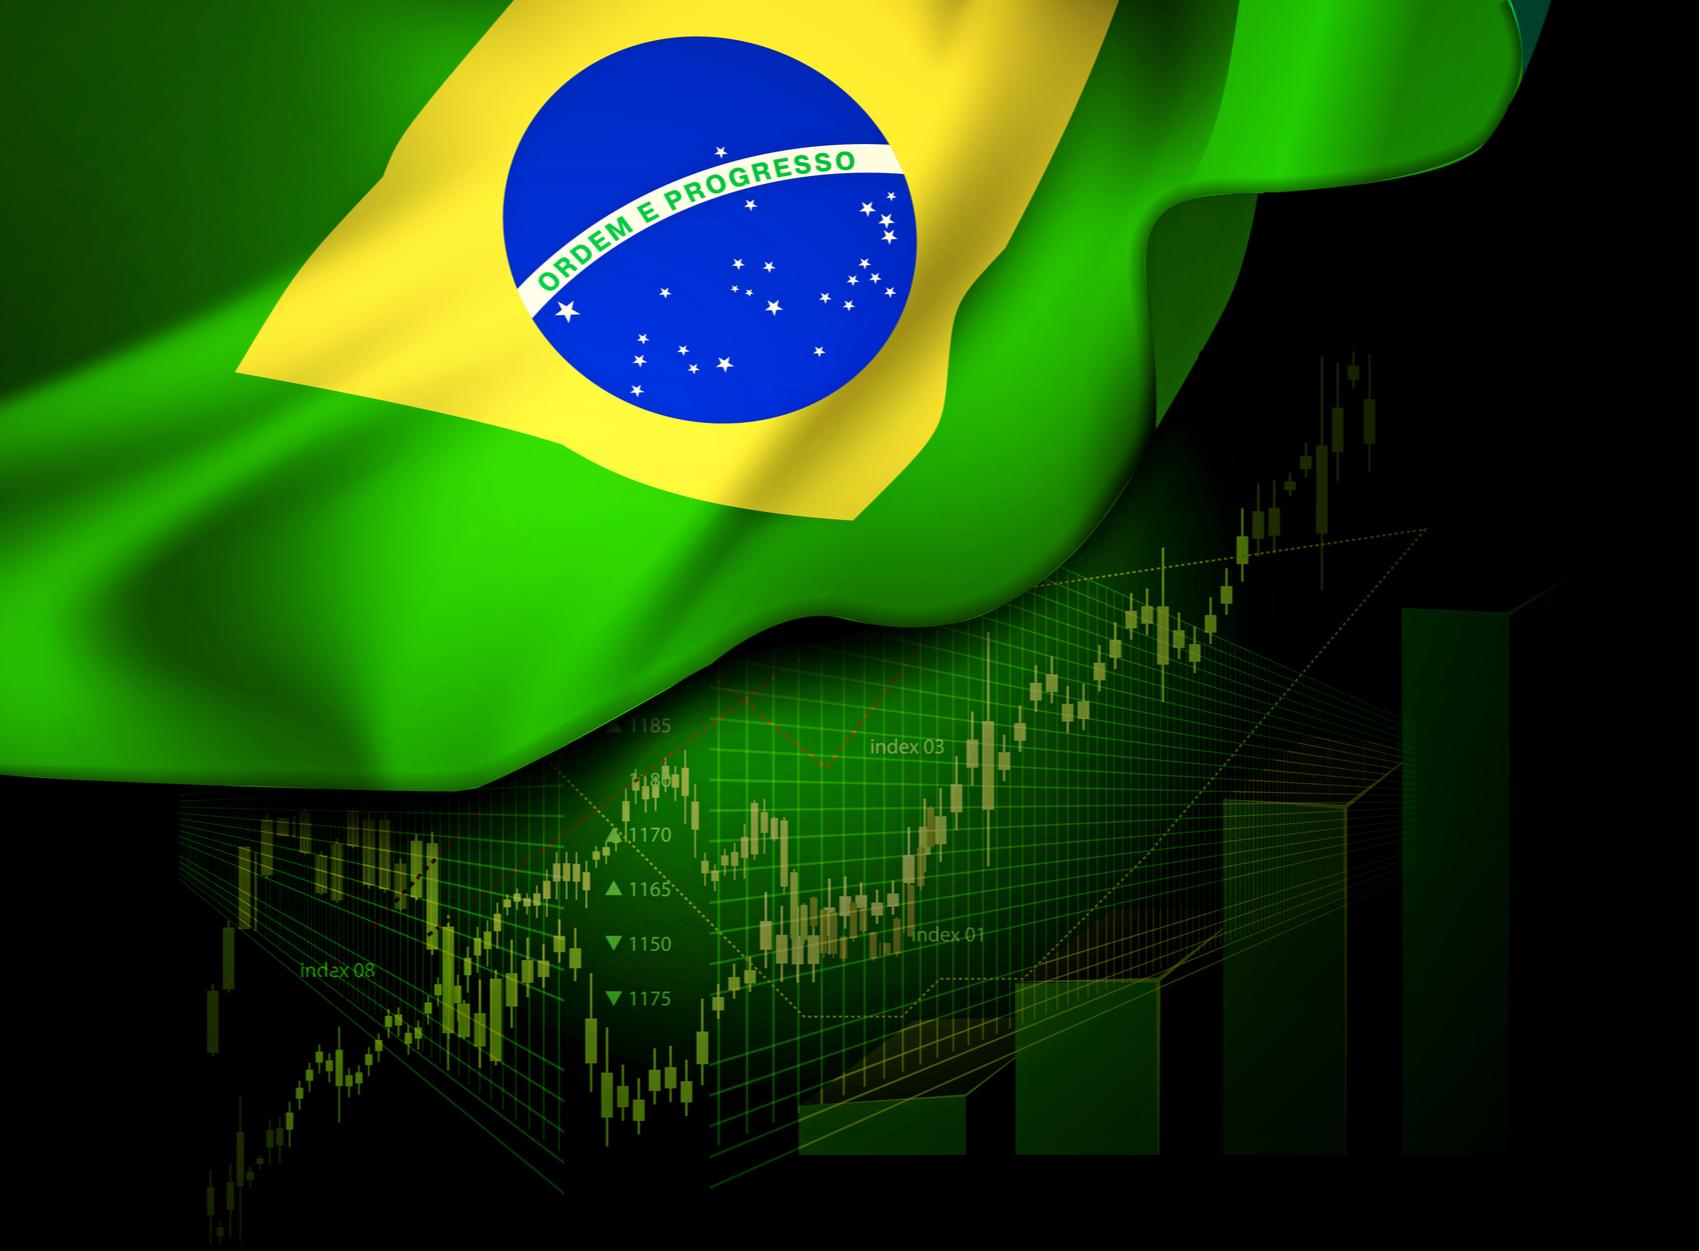 invistaja.info - Reunião da OPEP, PIB do Brasil e relatório de emprego nos EUA: o que acompanhar nesta semana